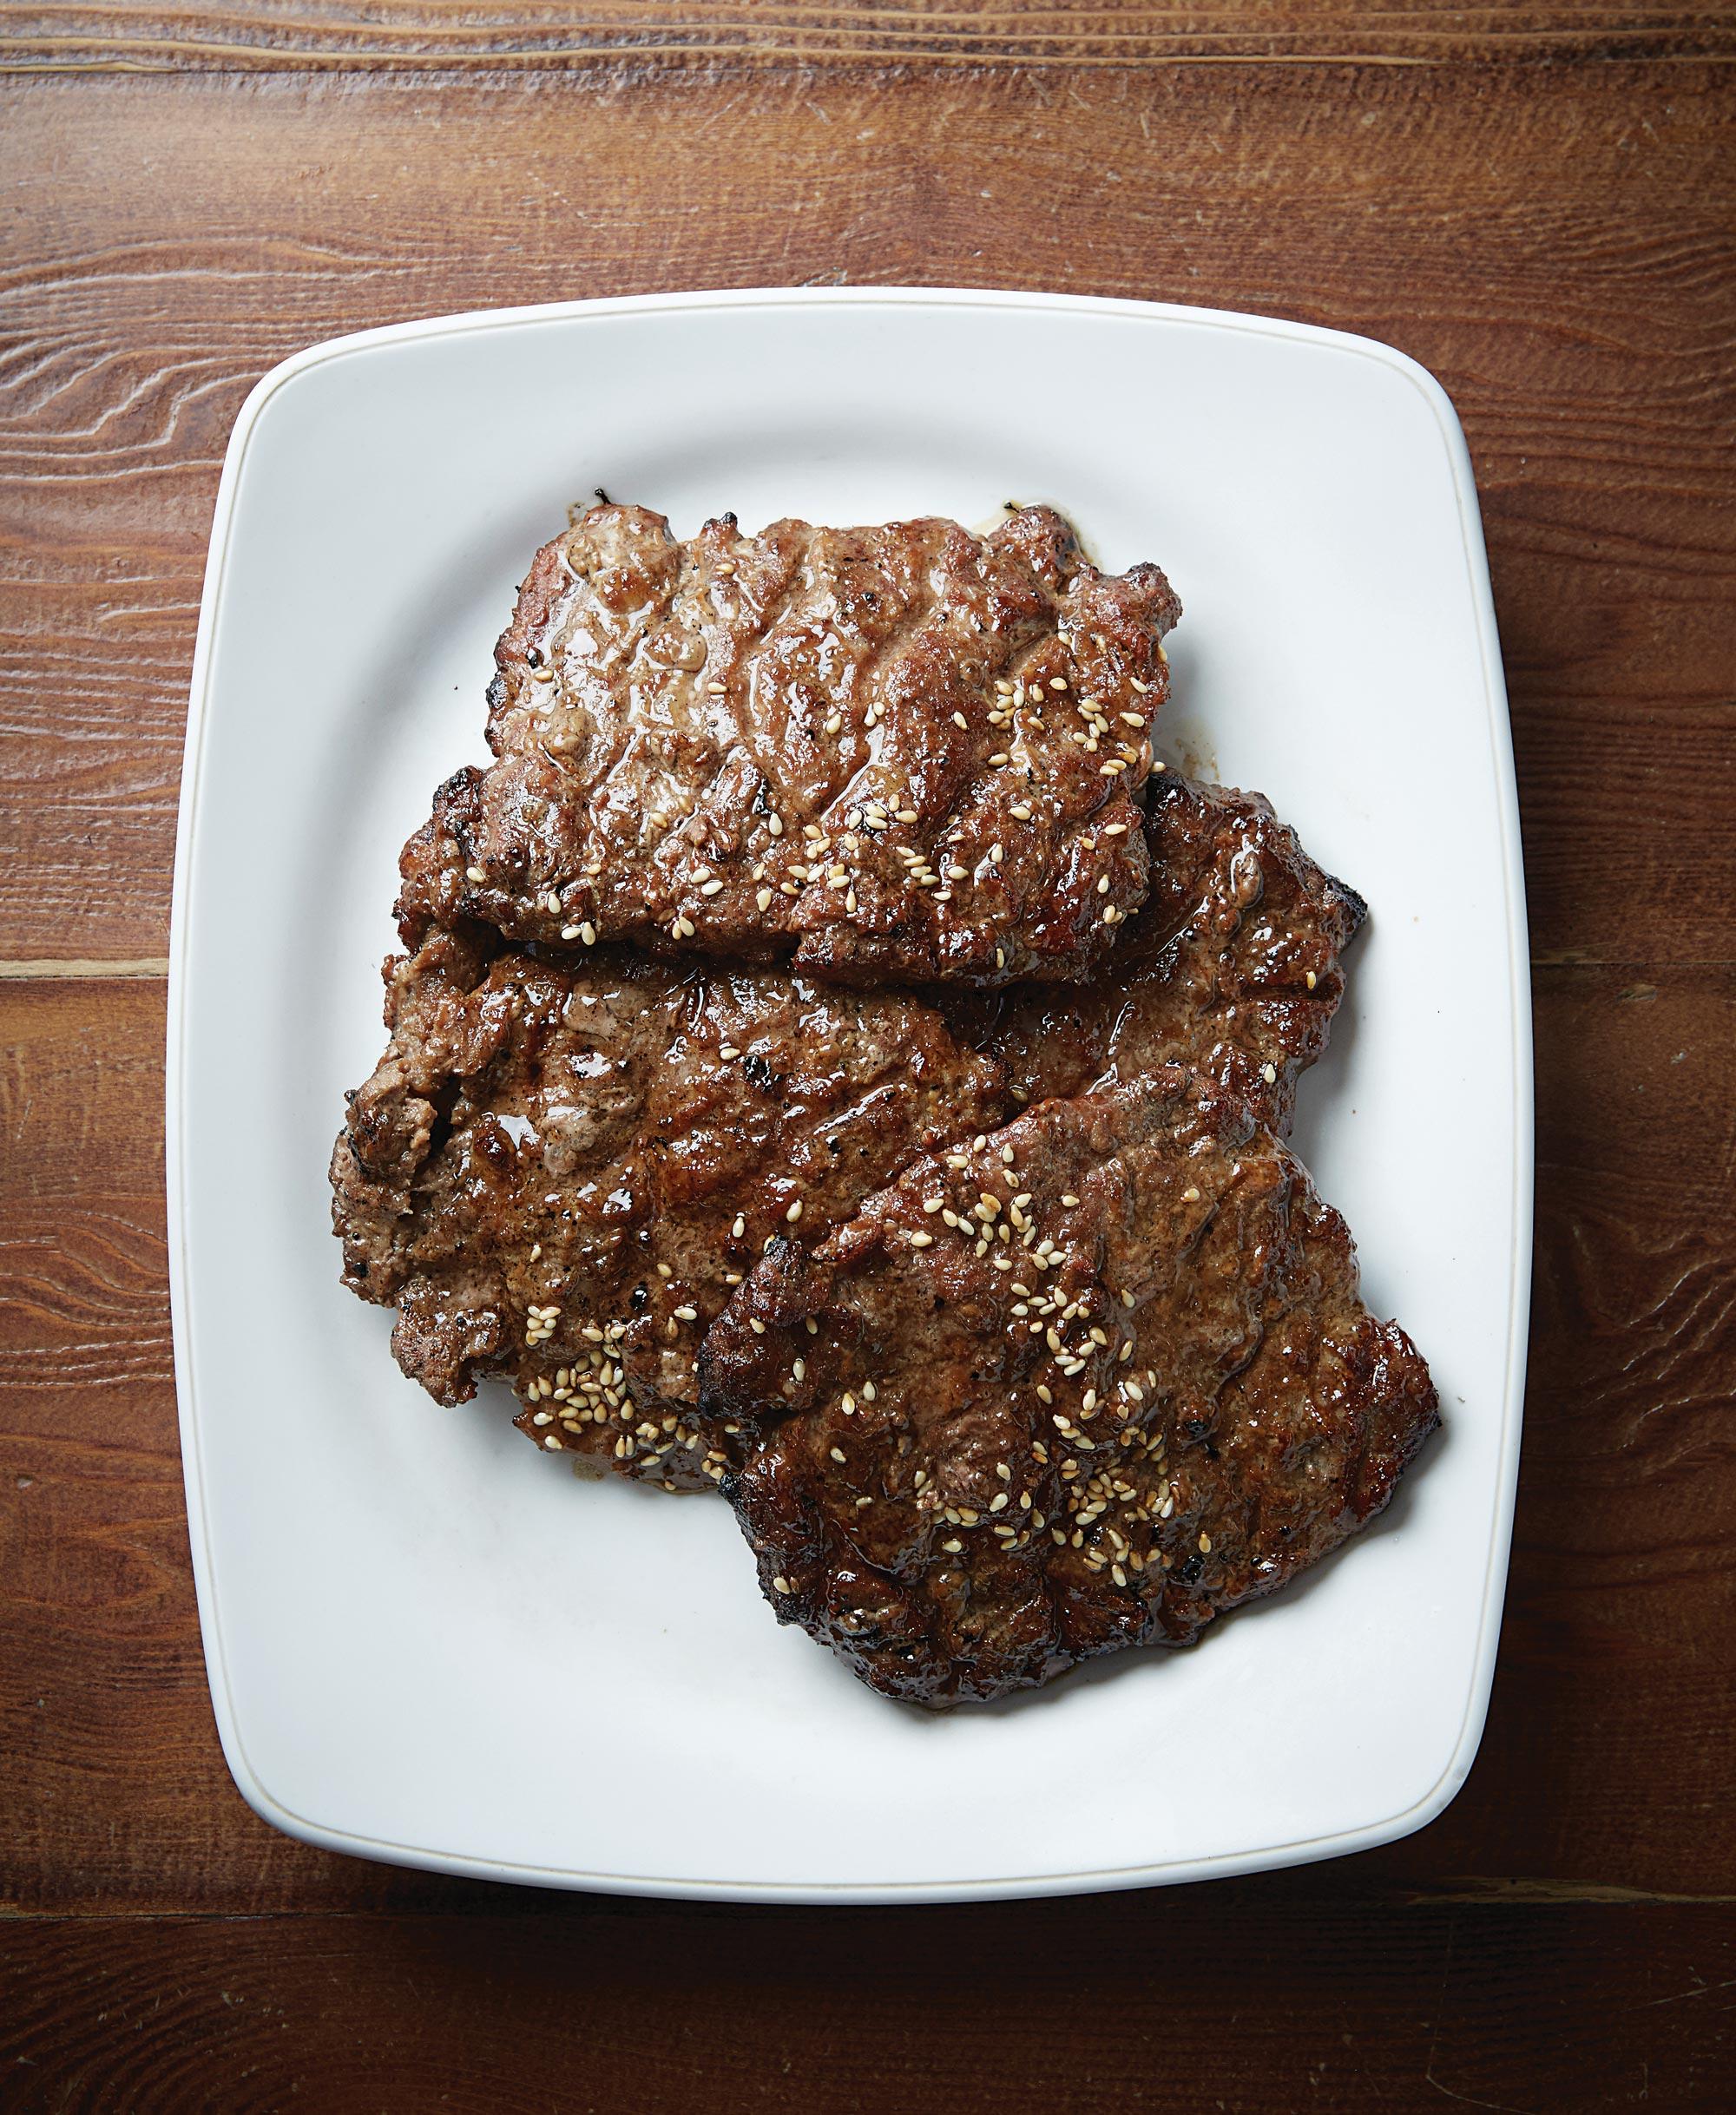 소고기와 돼지고기를 7:3비율로 섞어 만든 화정떡갈비의 떡갈비 ©김재욱